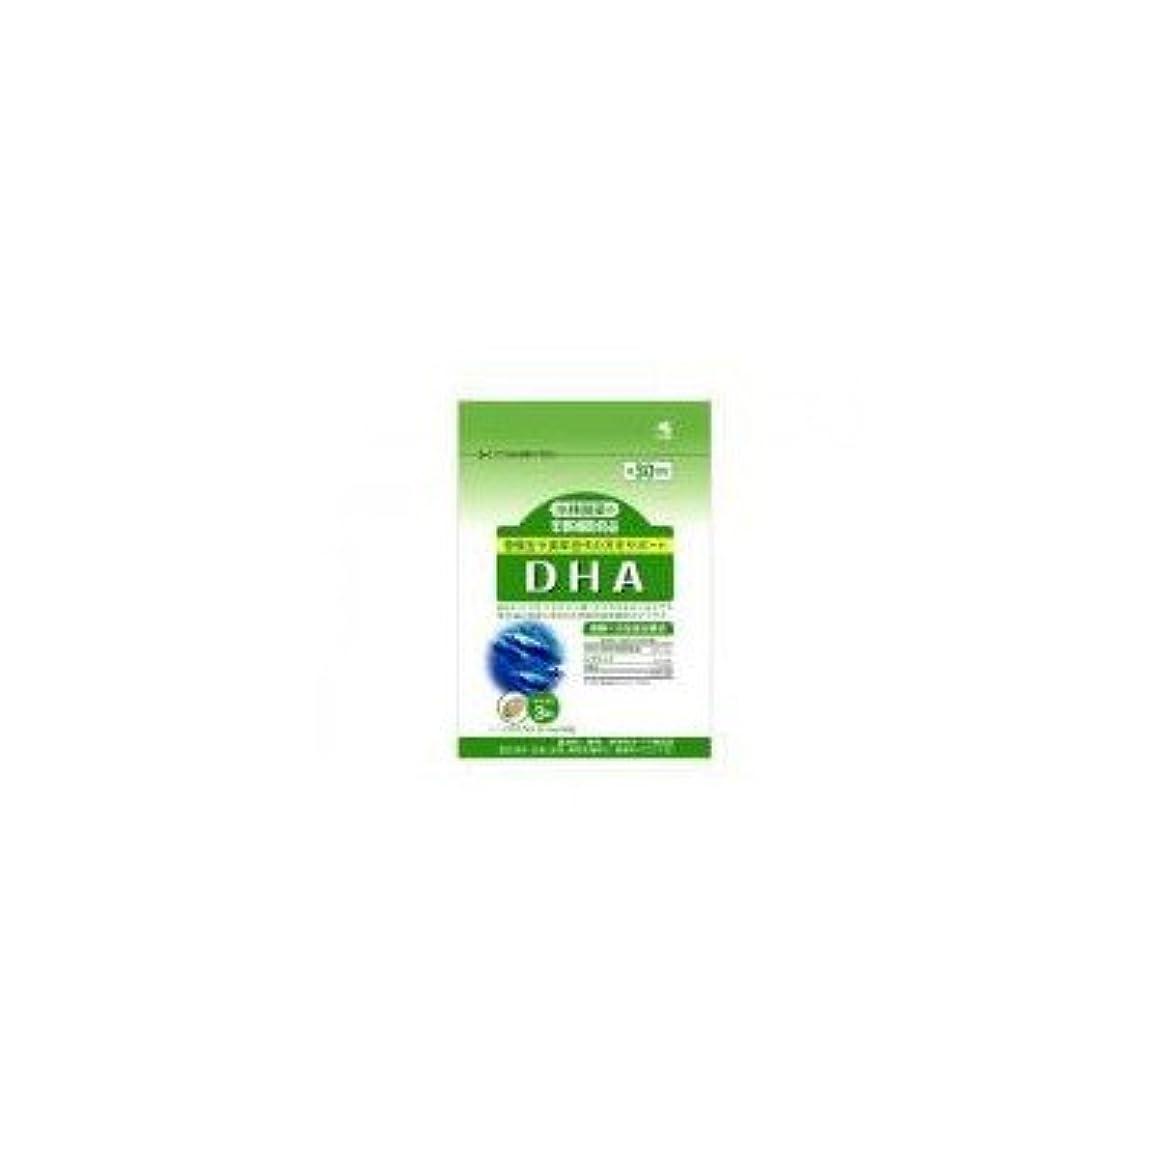 姓ミリメーター無限大小林製薬の栄養補助食品 DHA(90粒 約30日分) 4セット